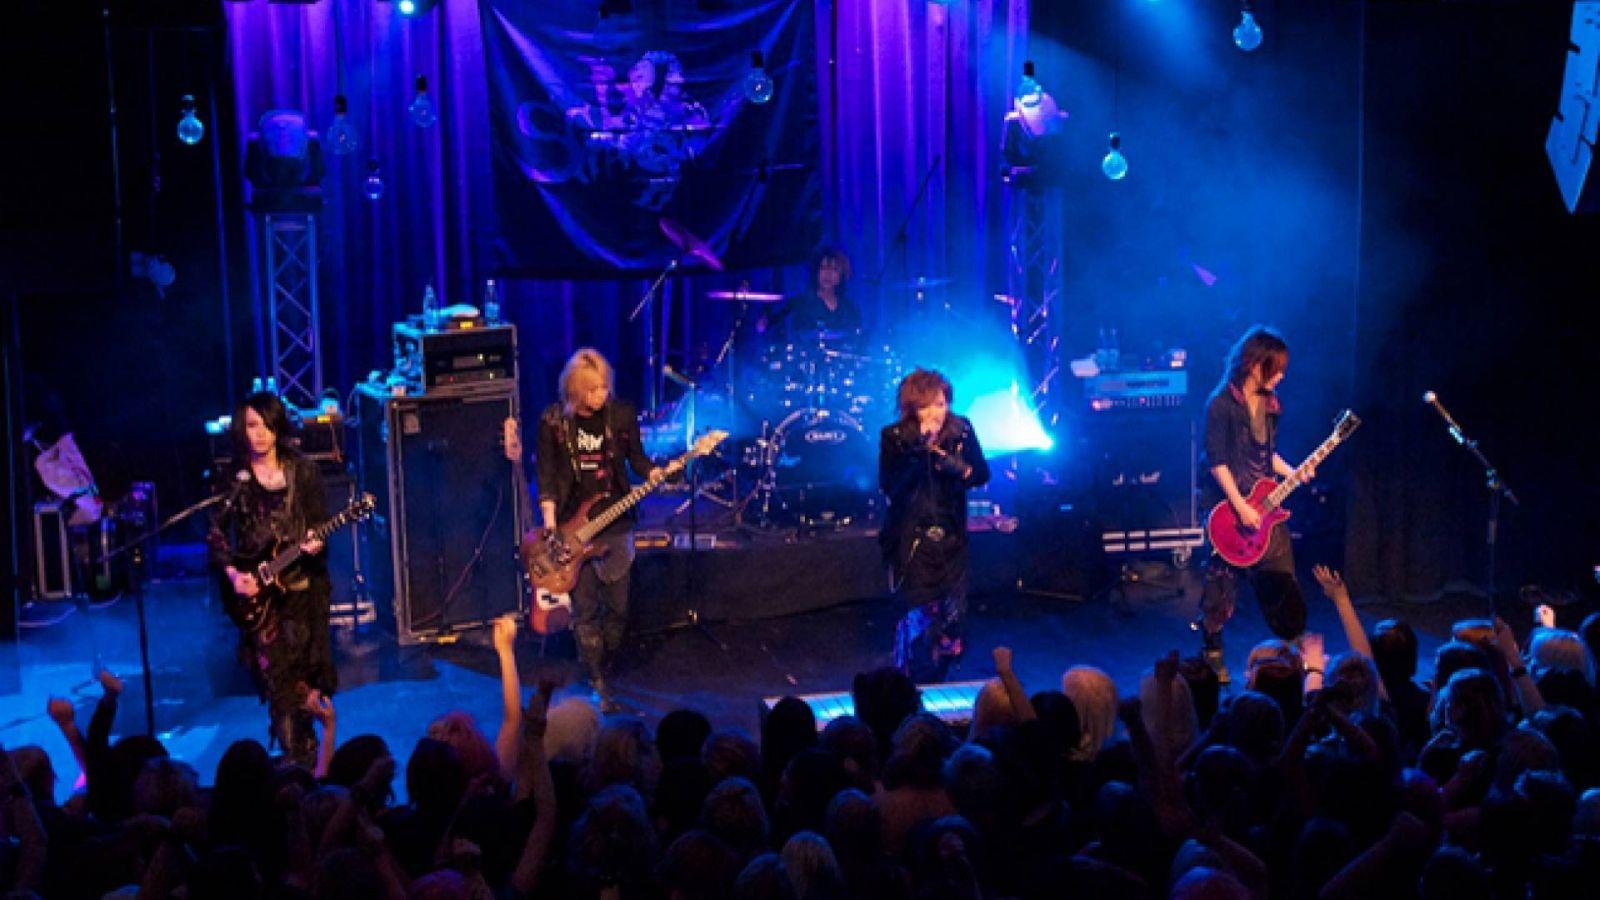 SCREW EUROPE TOUR 2012 -SASORI- © JaME Suomi, Anna Nikkinen